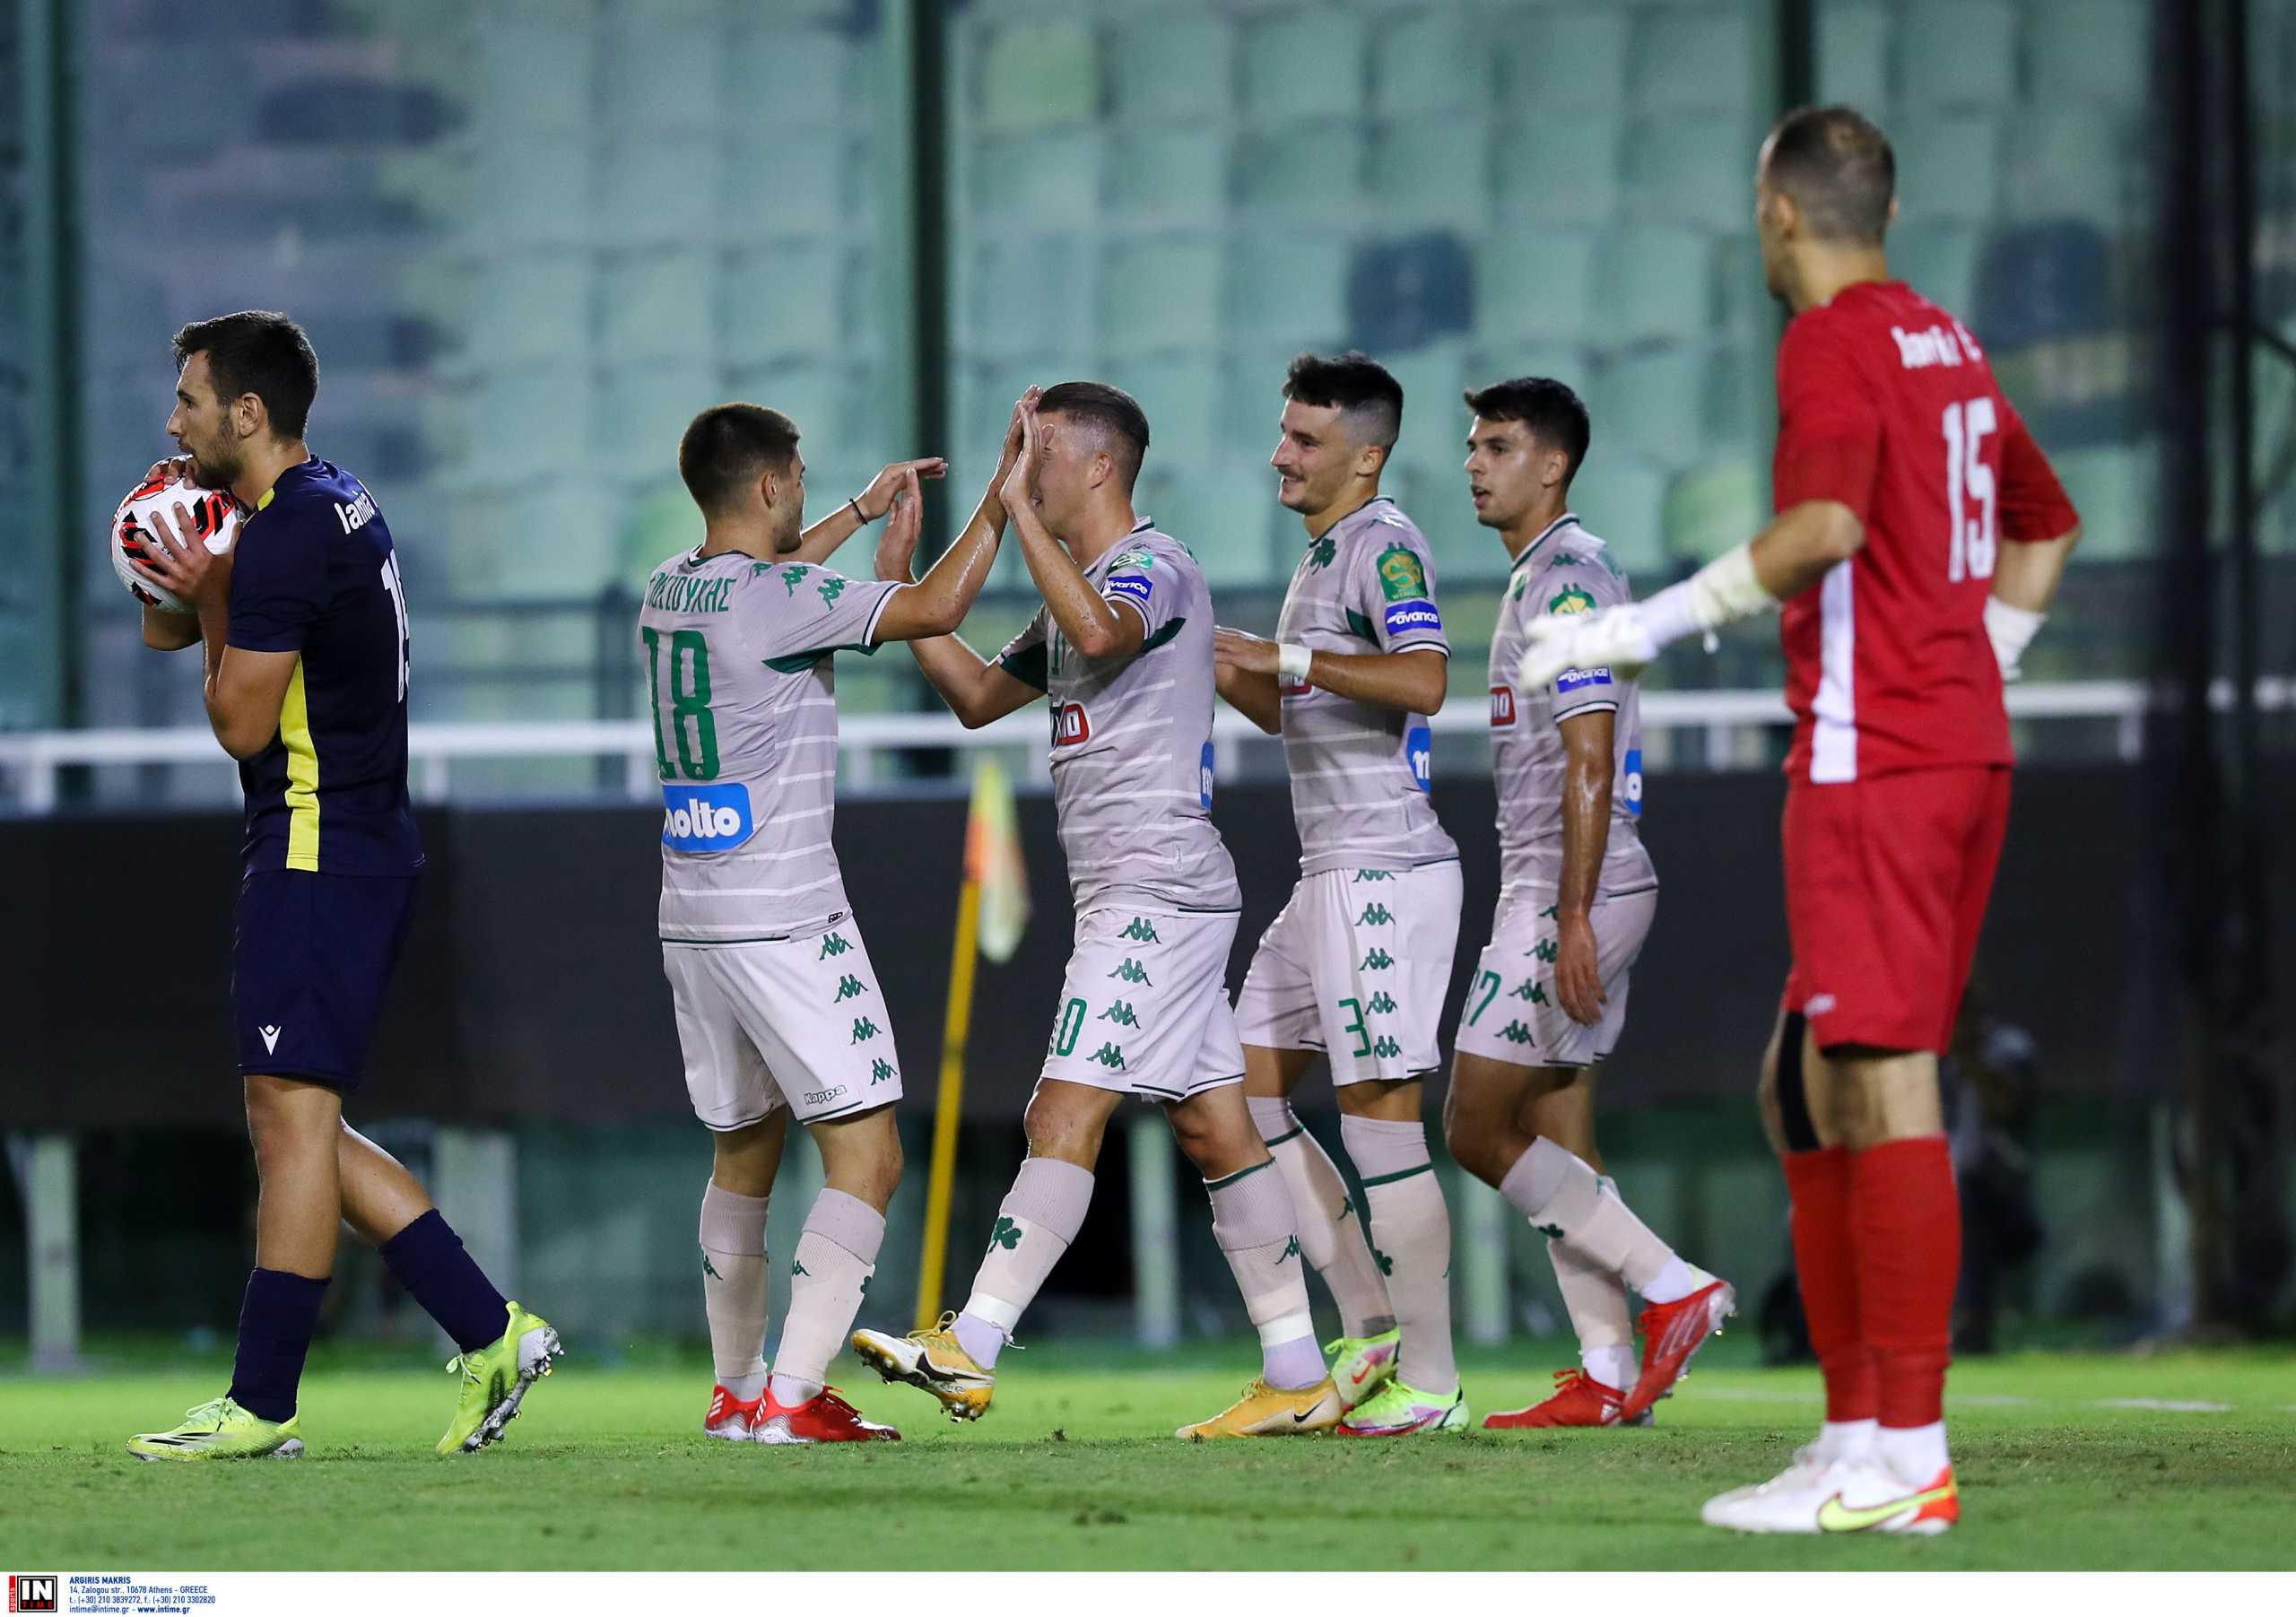 Παναθηναϊκός – Λαμία 3-2: Ανατροπή και πρώτη φιλική νίκη με γκολ στο φινάλε